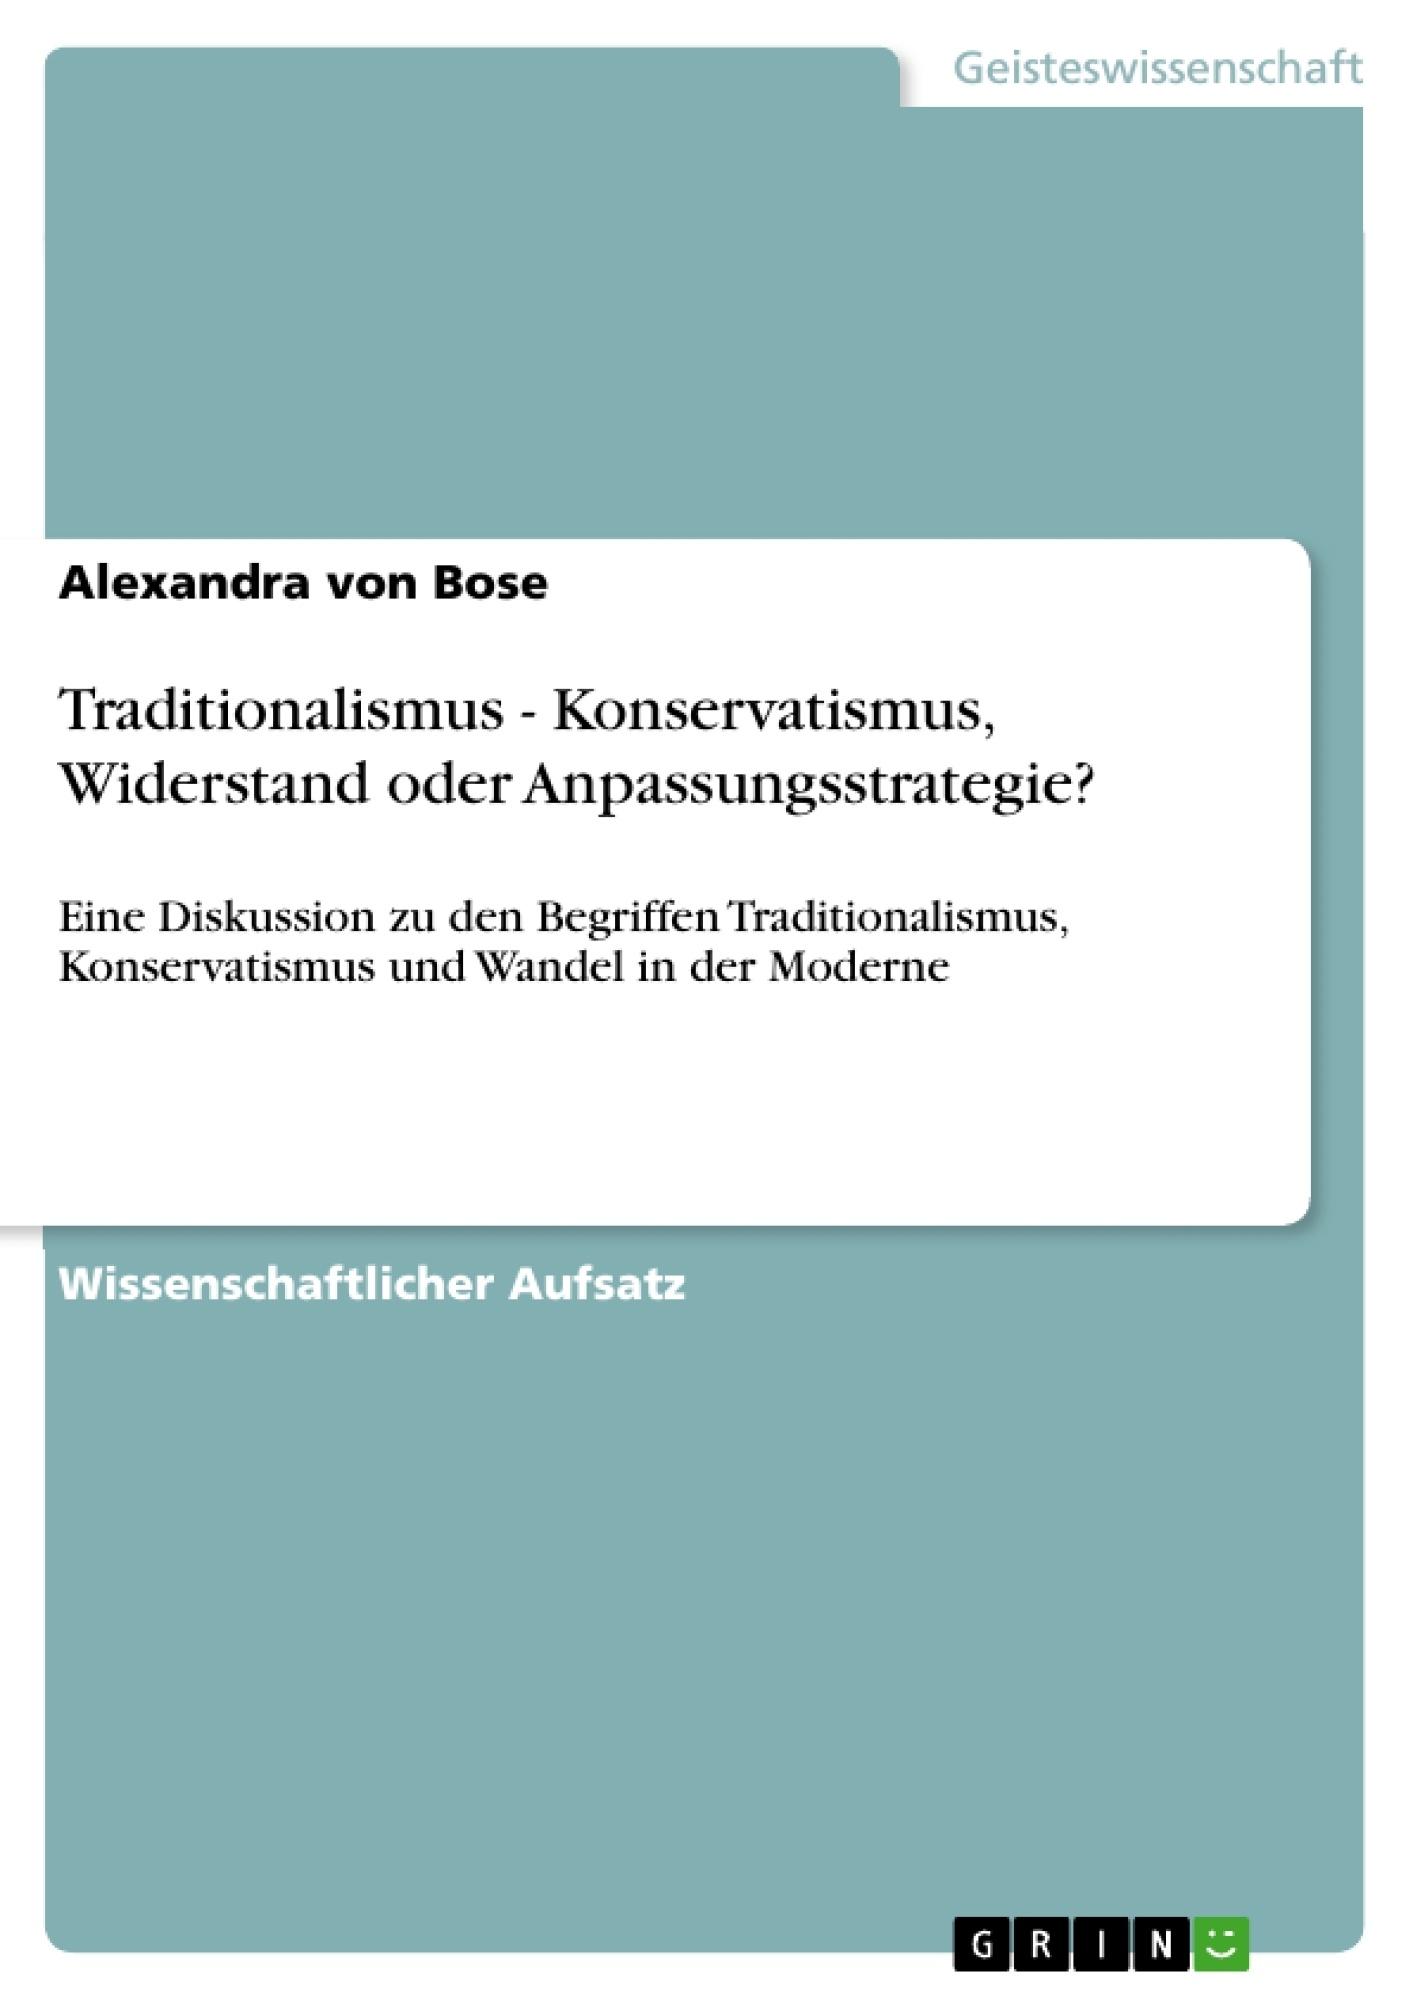 Titel: Traditionalismus - Konservatismus, Widerstand oder Anpassungsstrategie?